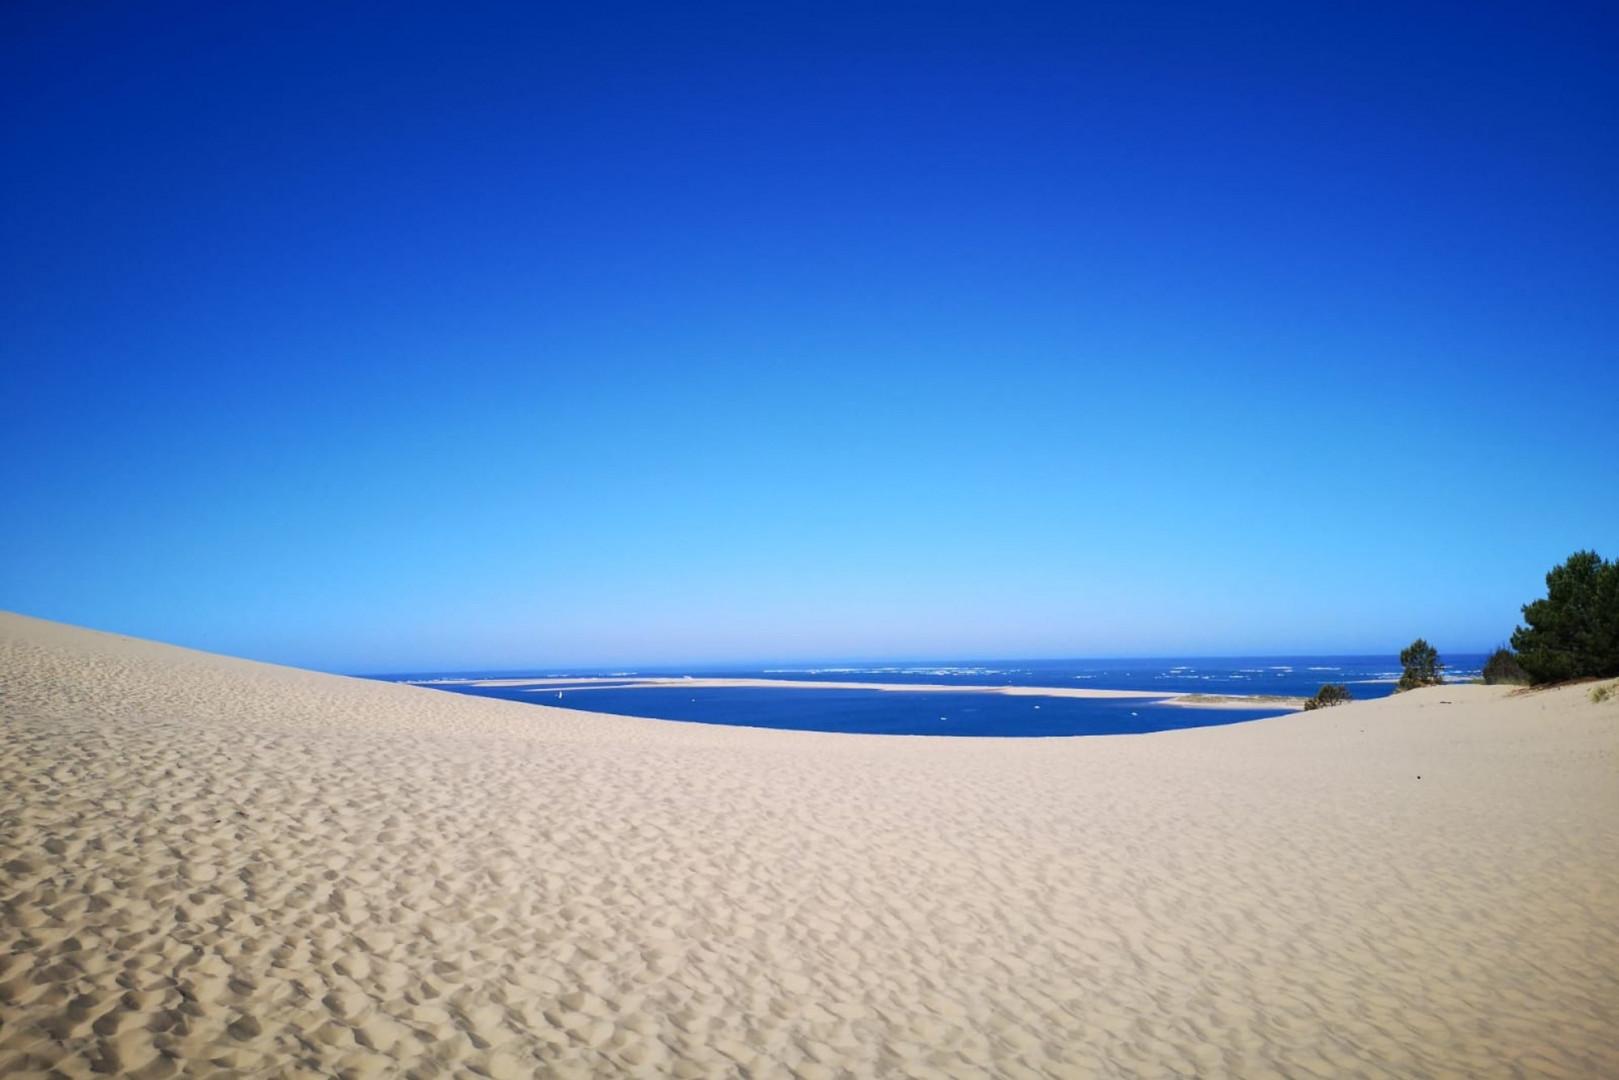 La dune du Pilat aurait perdu près de 4 mètres de hauteur en un an